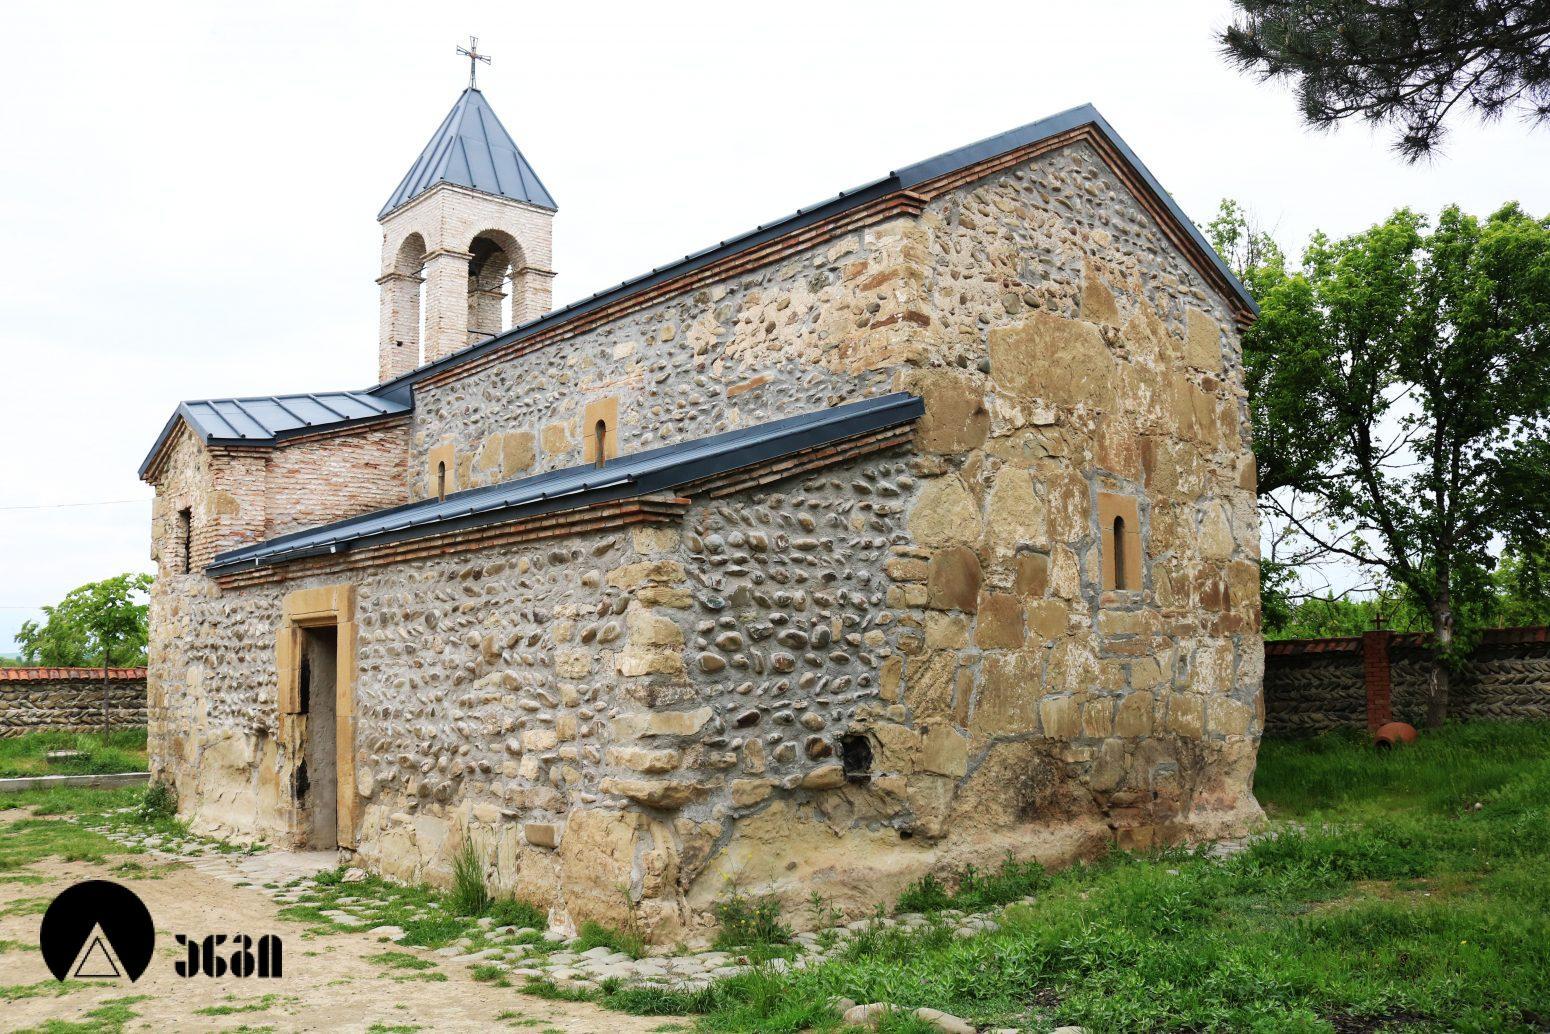 საღოლაშენის ღვთისმშობლის ეკლესია